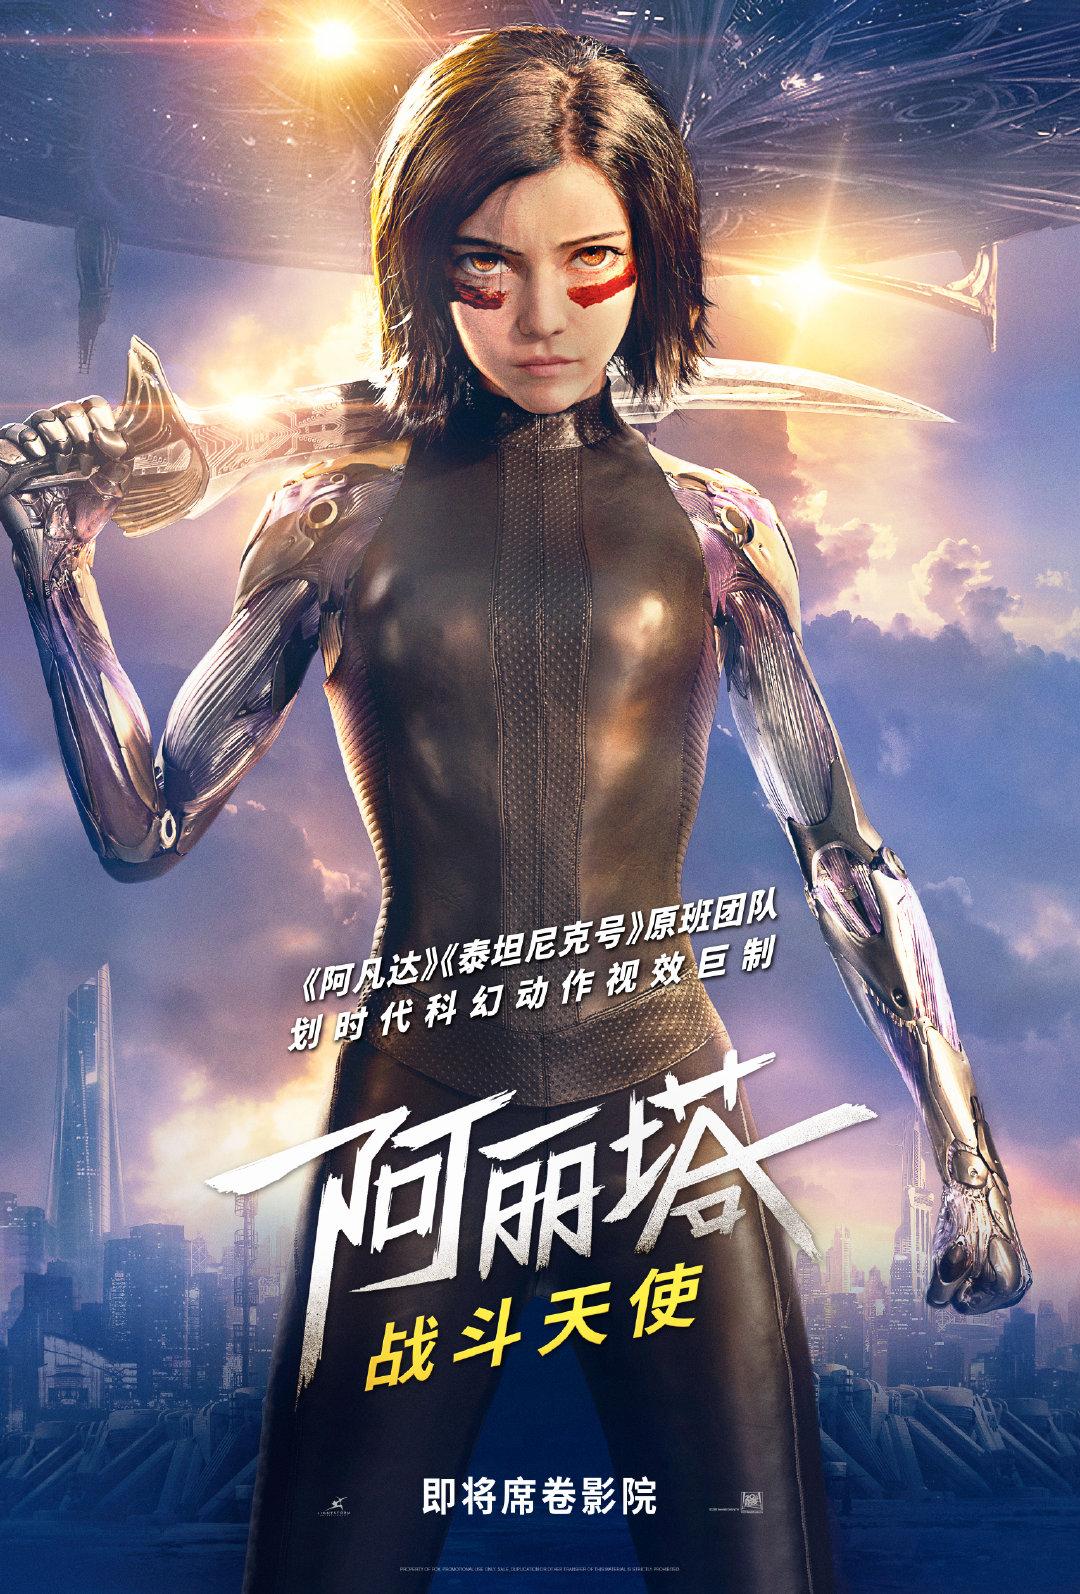 《阿丽塔:战斗天使》 新海报曝光 机械少女眼睛正常了